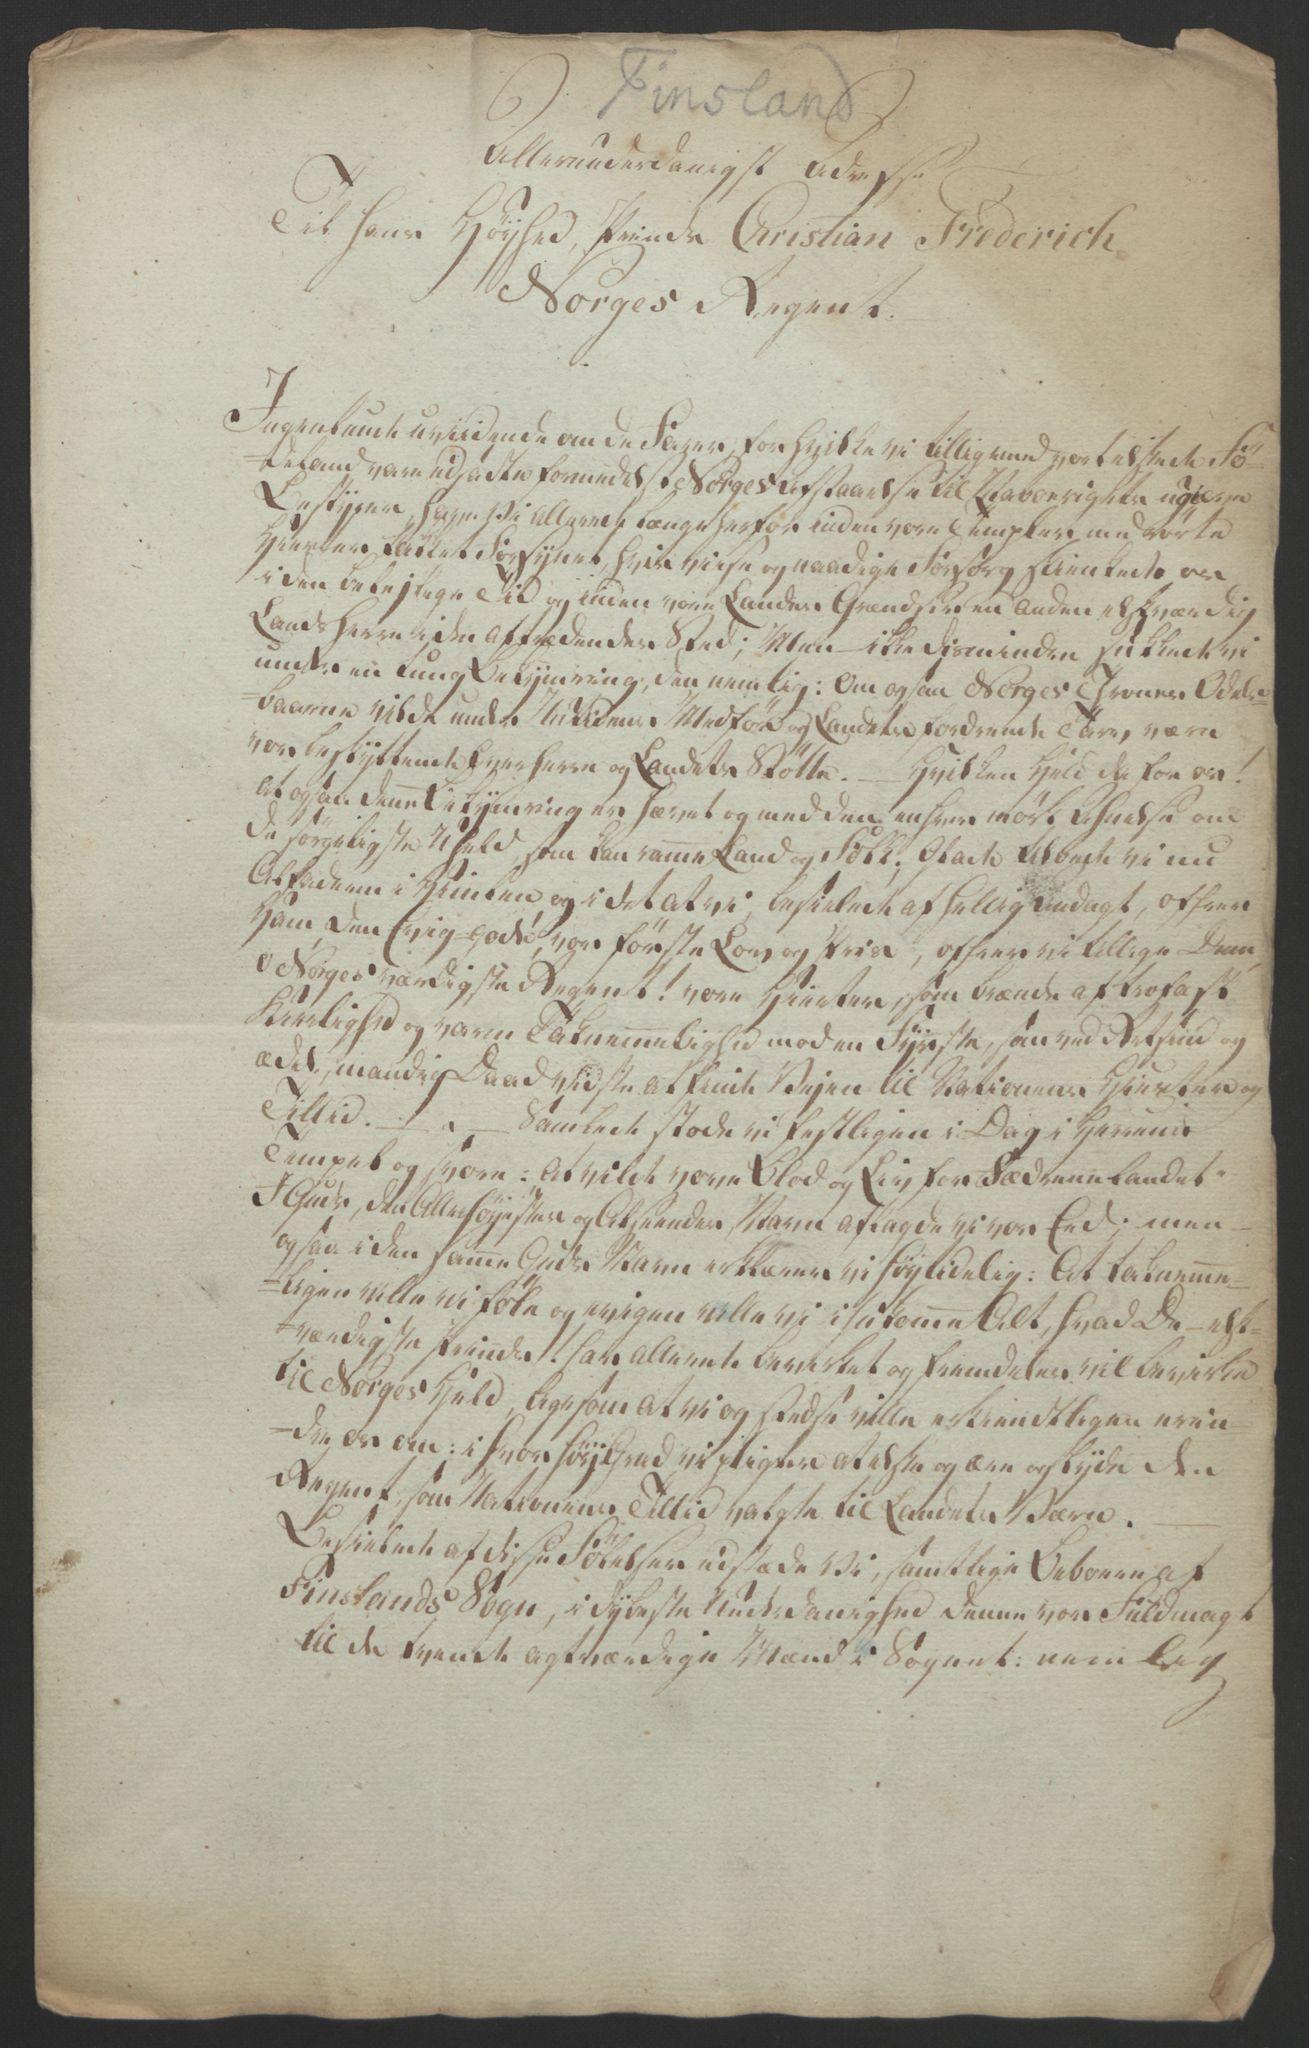 RA, Statsrådssekretariatet, D/Db/L0008: Fullmakter for Eidsvollsrepresentantene i 1814. , 1814, s. 124